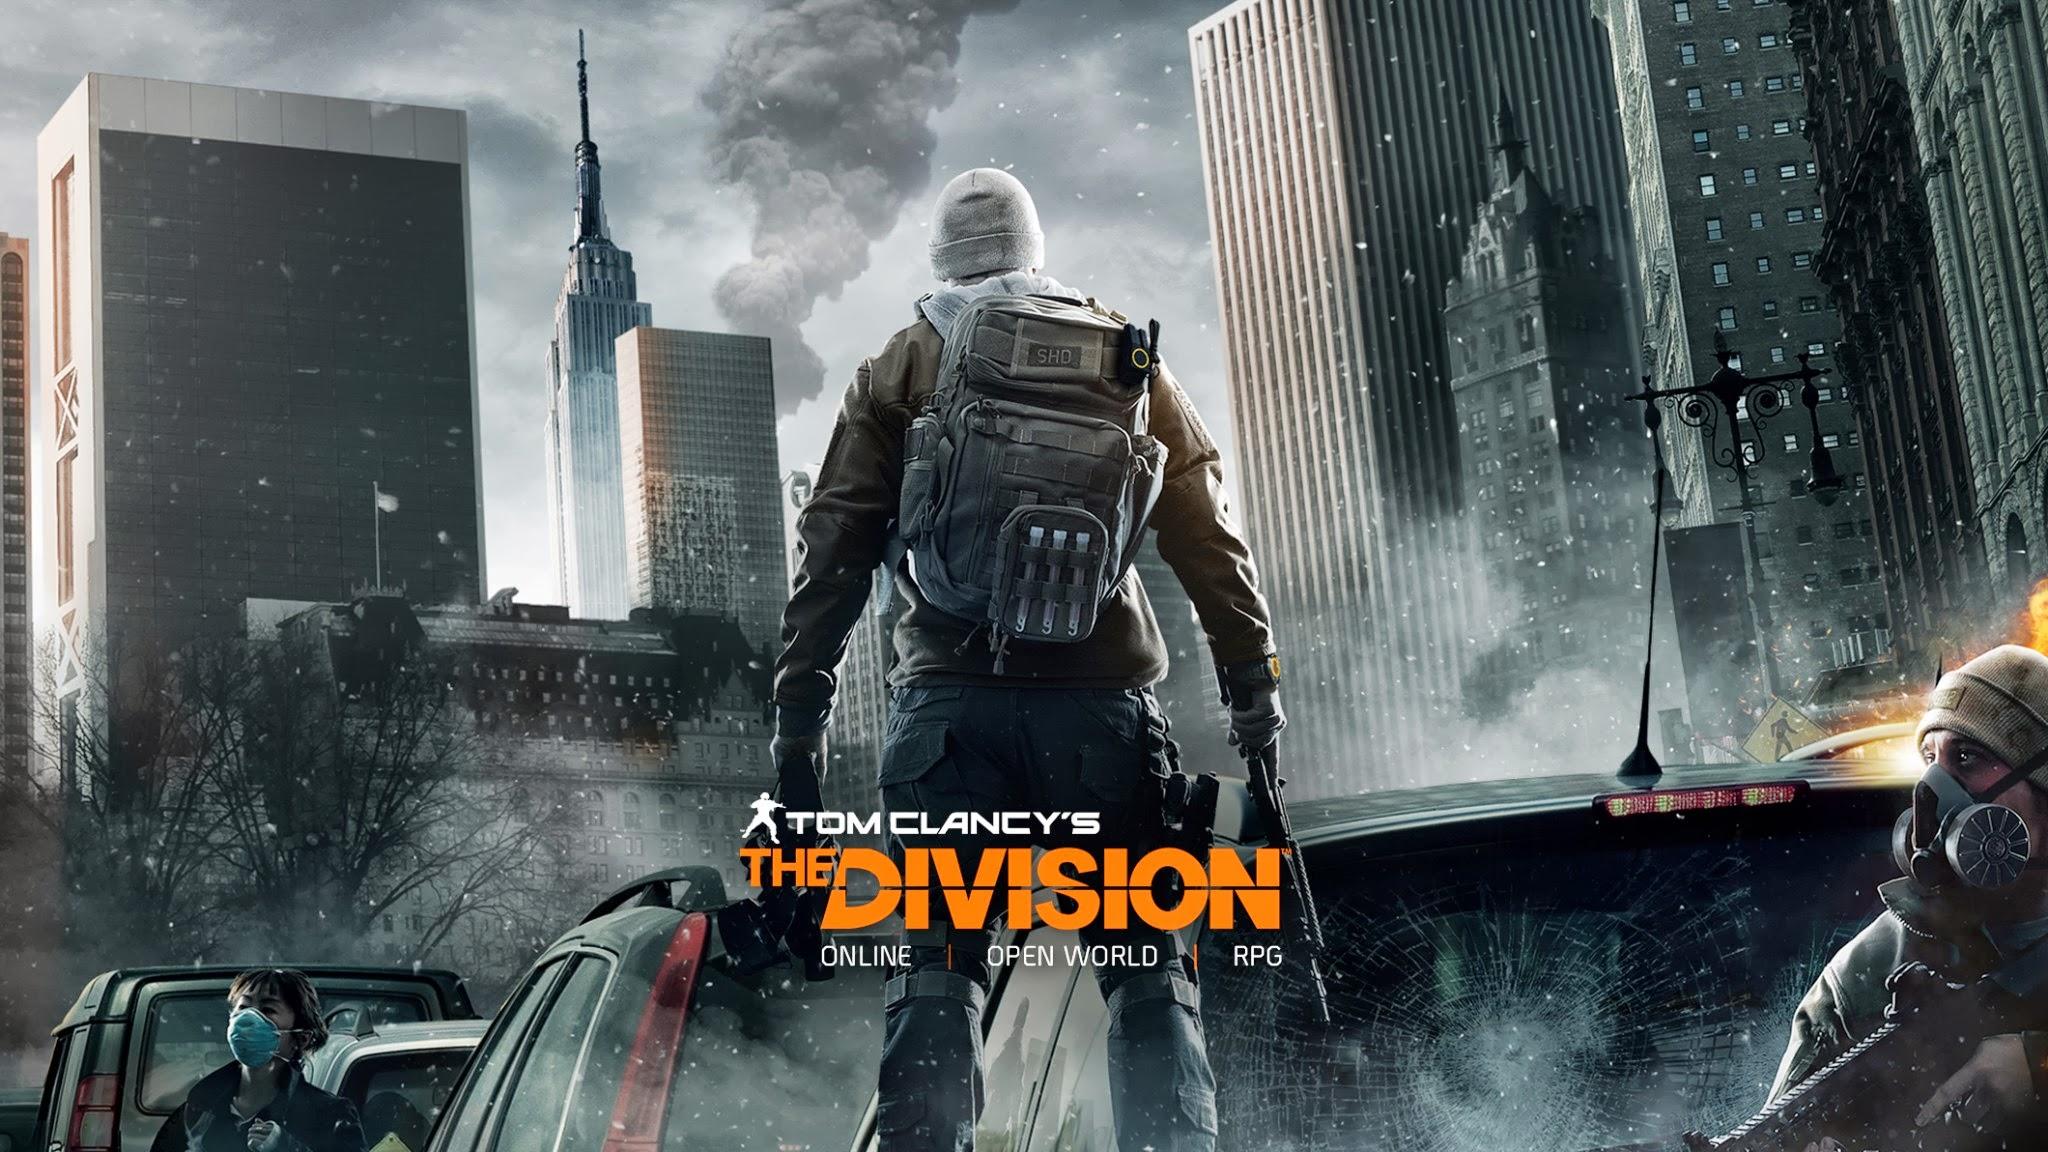 Nejnovější Huble Bundle obsahuje hry ze série Rainbow Six (Tom Clancy's) a také klíč do otevřené bety The Division